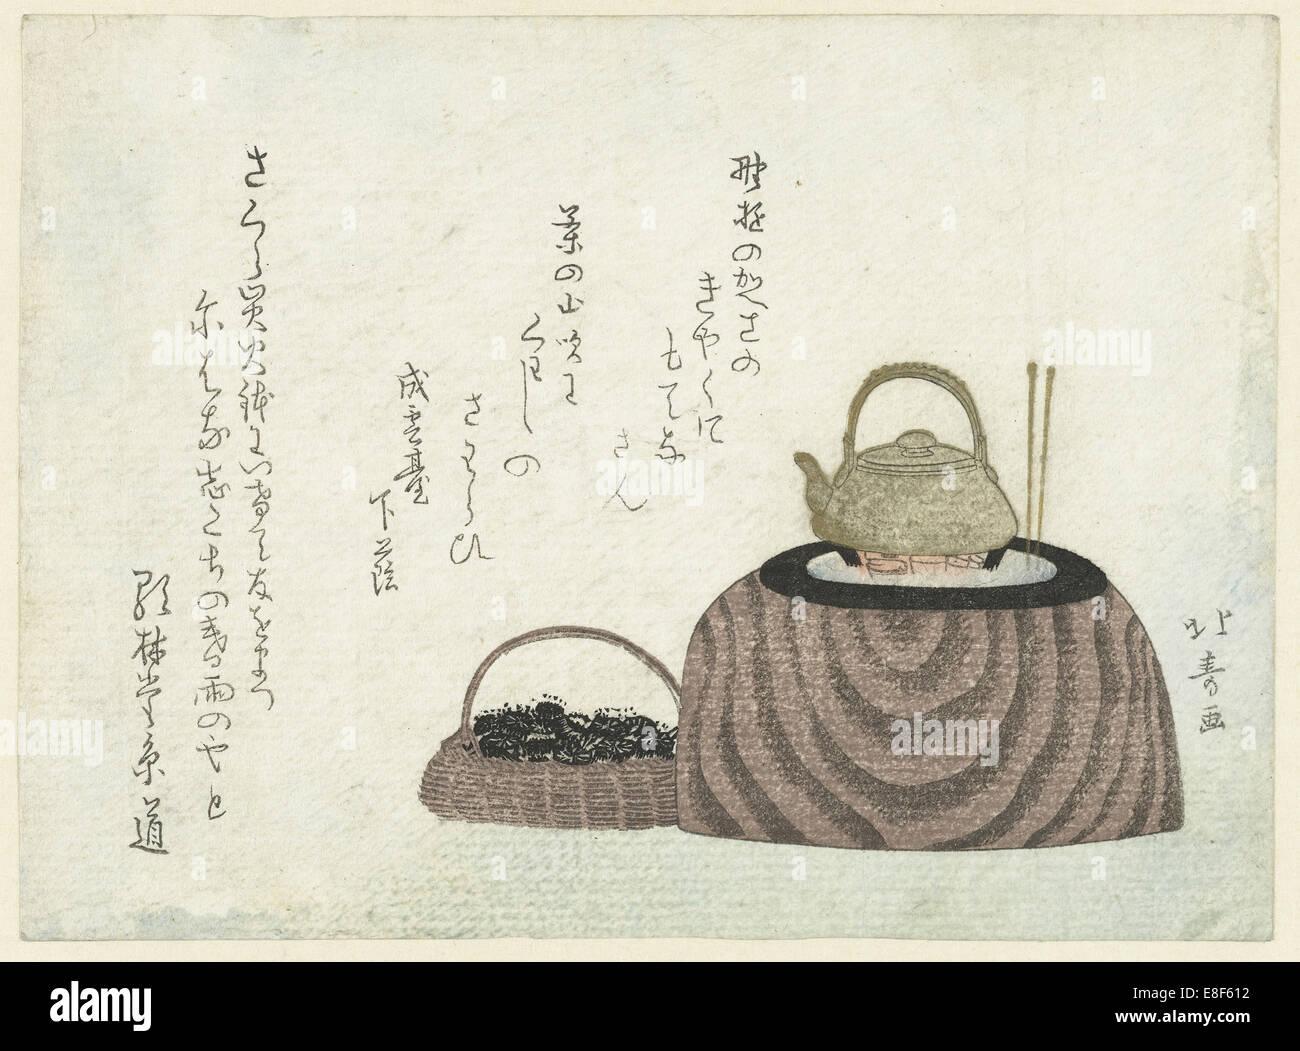 Tea kettle on the stove. Artist: Hokuju, Shotei (1763-1824) - Stock Image